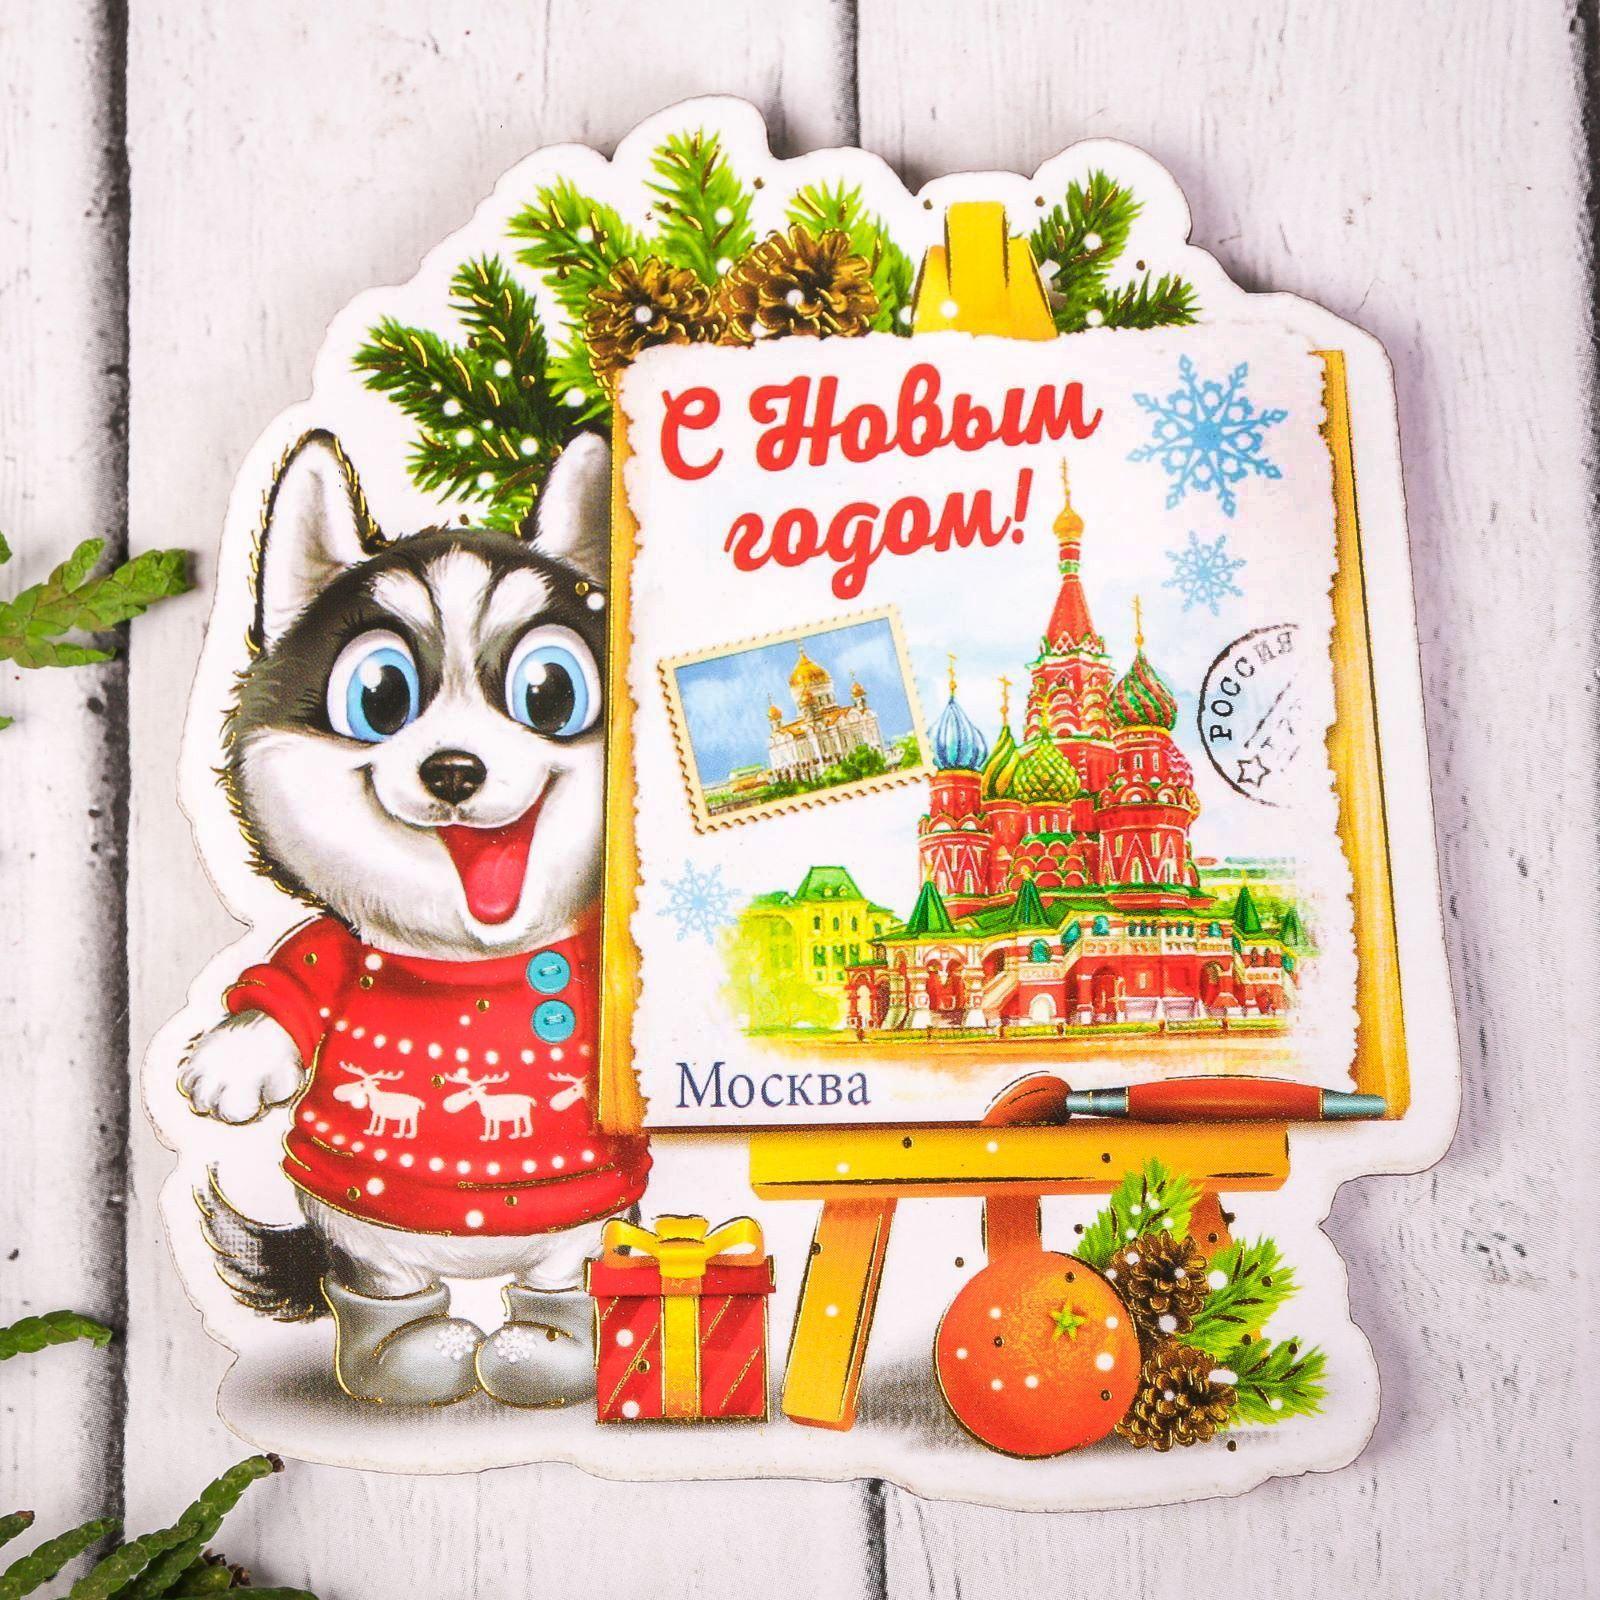 Магнит Sima-land Москва, 8,2 х 9 см2186539Порадуйте родных и близких оригинальным сувениром: преподнесите в подарок магнит. С ним даже самый серьезный человек почувствует себя ребенком, ожидающим чудо! Прикрепите его к любой металлической поверхности, и он удержит на виду важные записки, любовные послания или просто список продуктов.Создайте праздничное настроение, и оно останется с вами на весь год.